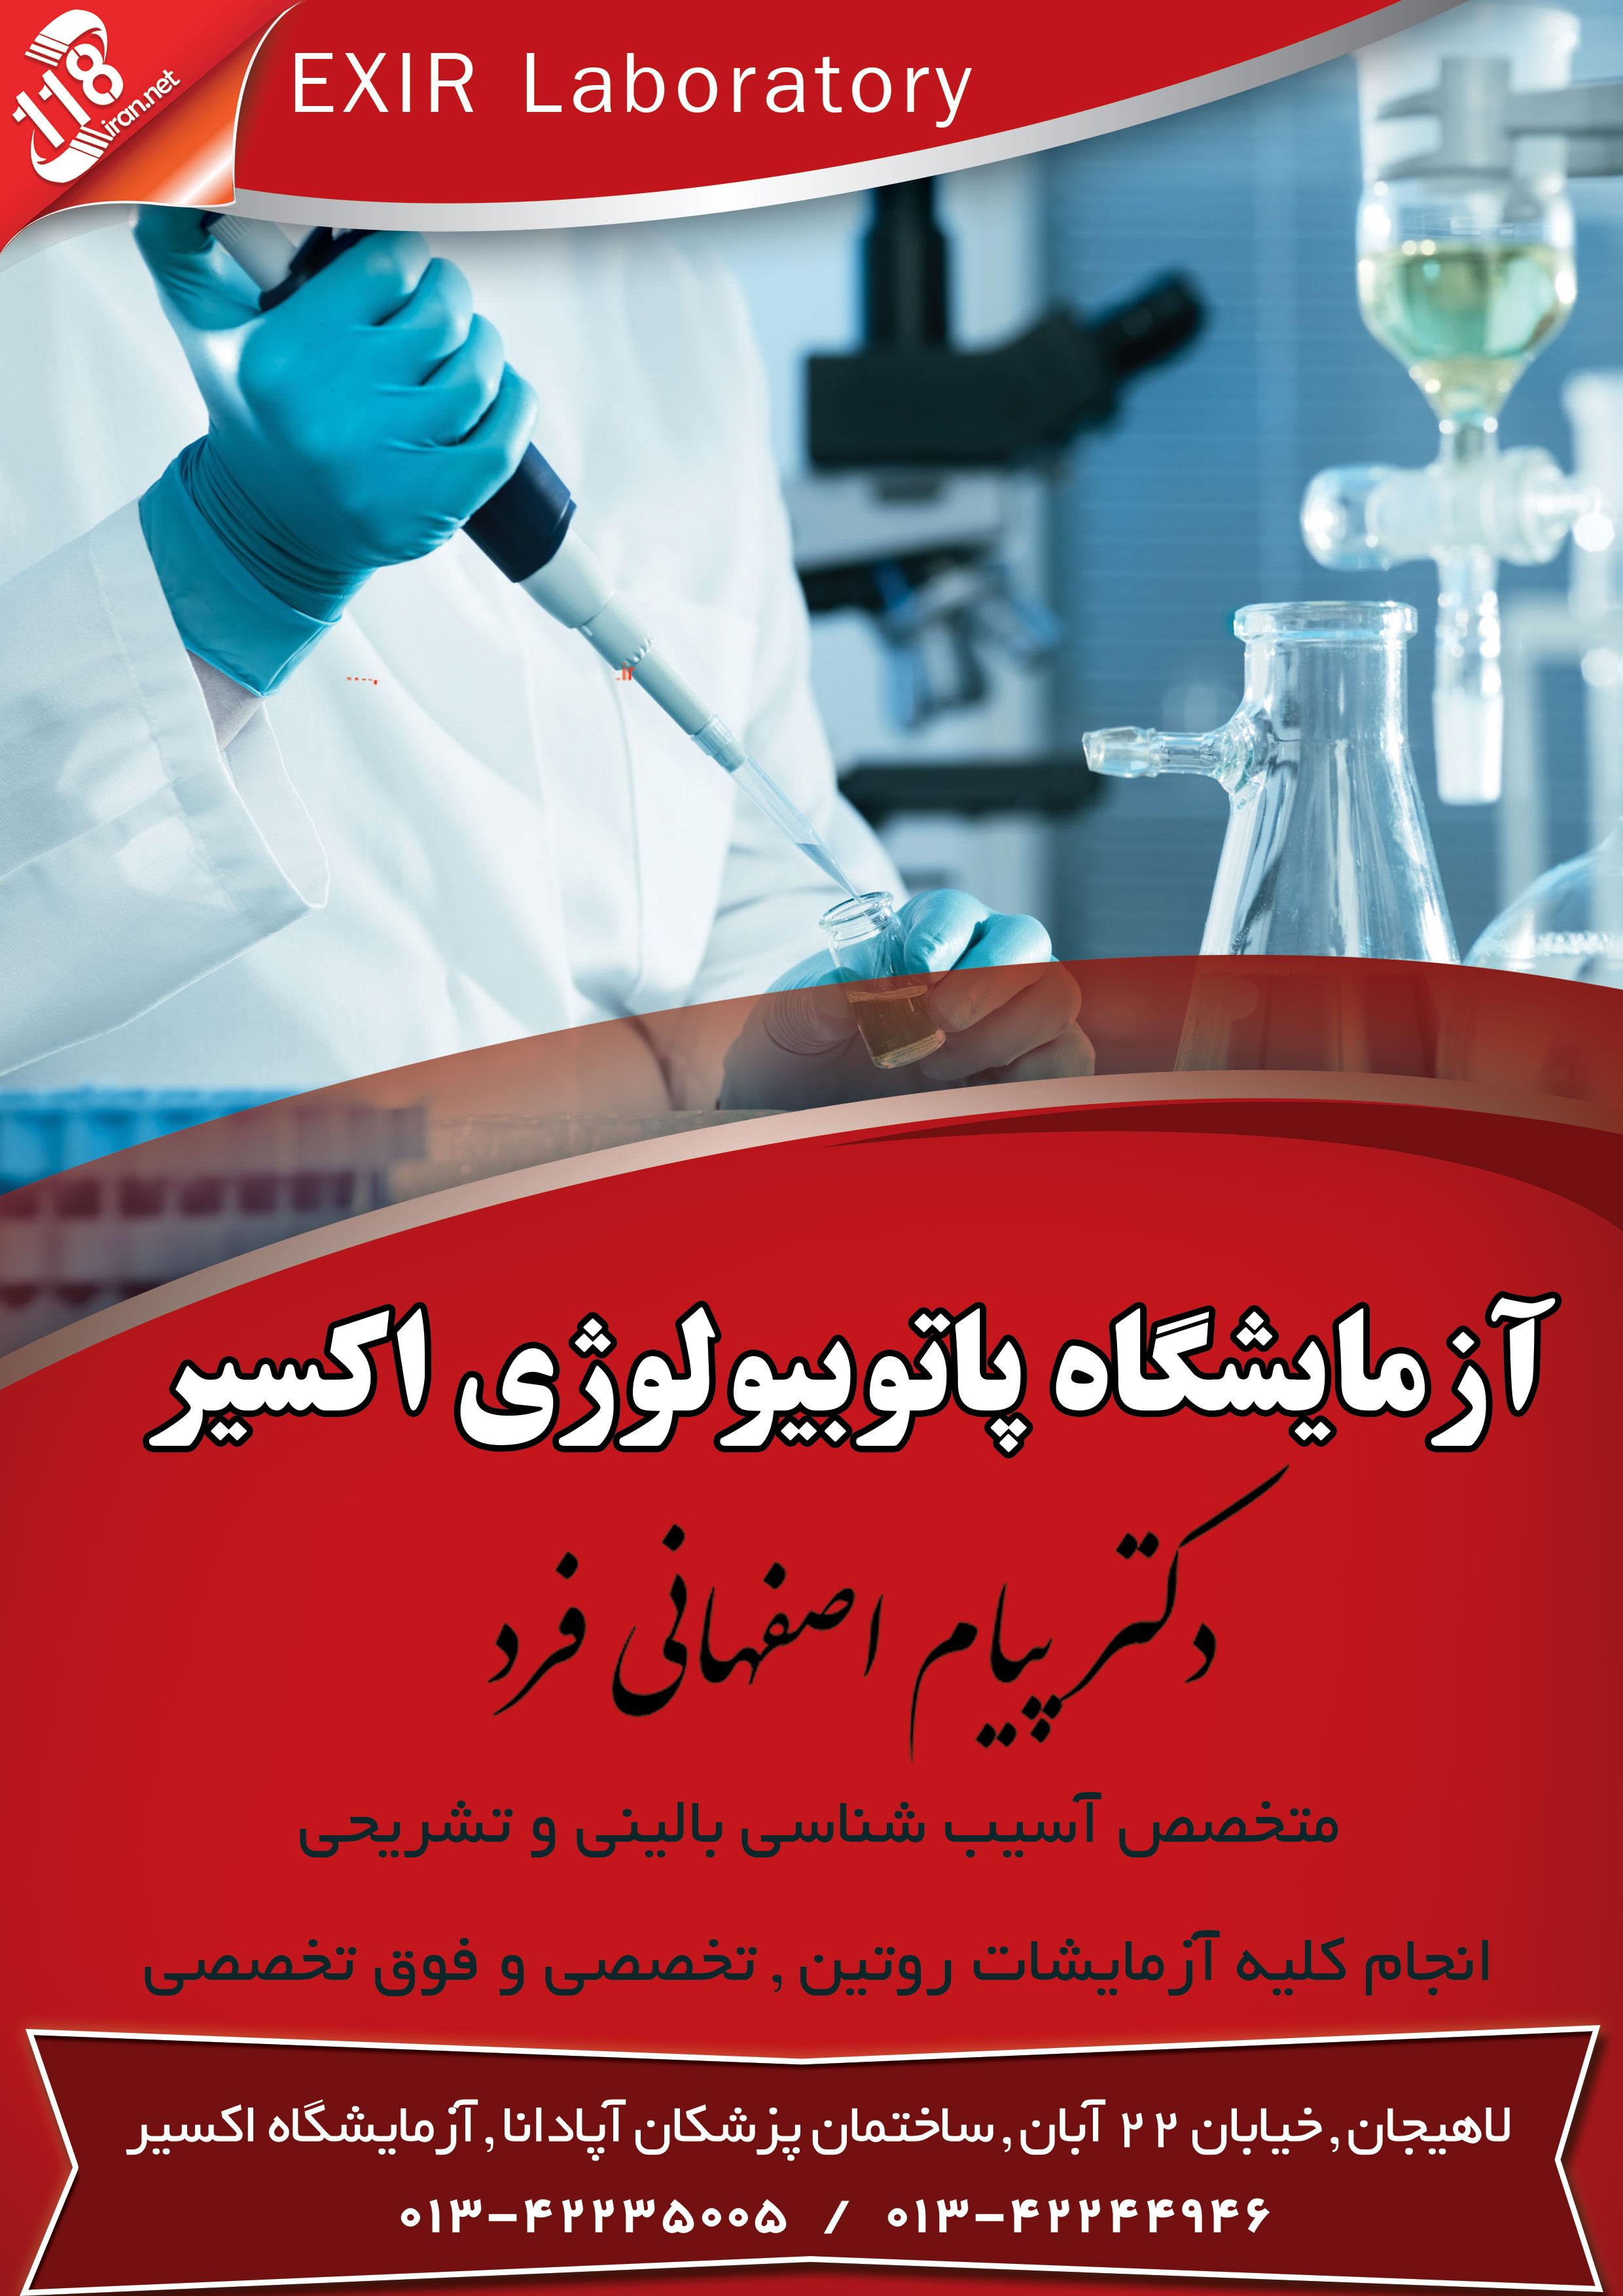 آزمایشگاه پاتوبیولوژی اکسیر لاهیجان